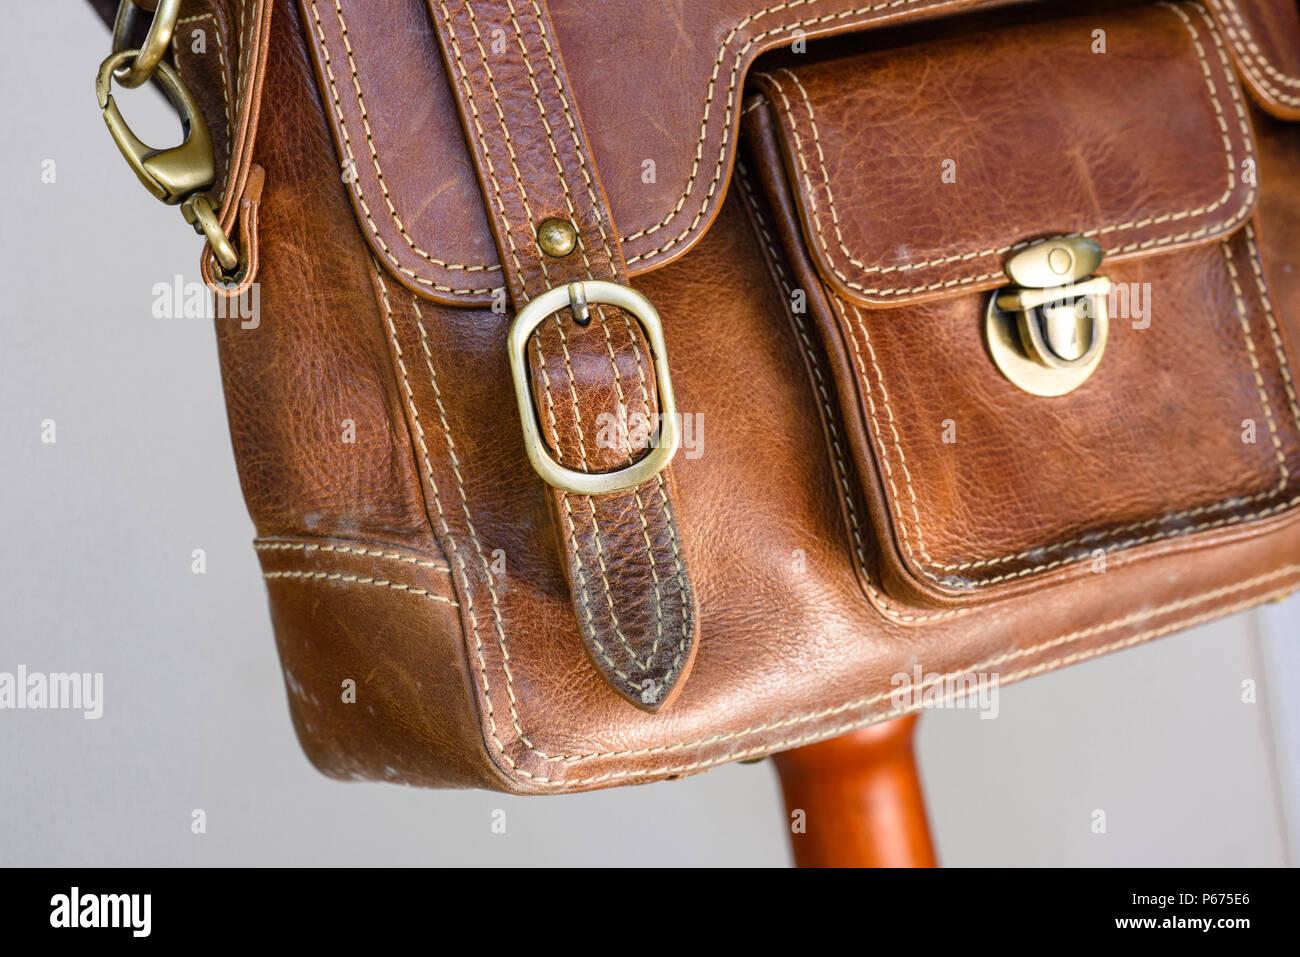 Turbo Schimmel auf alte braune Ledertasche, Pilz auf Leder Tasche KA84